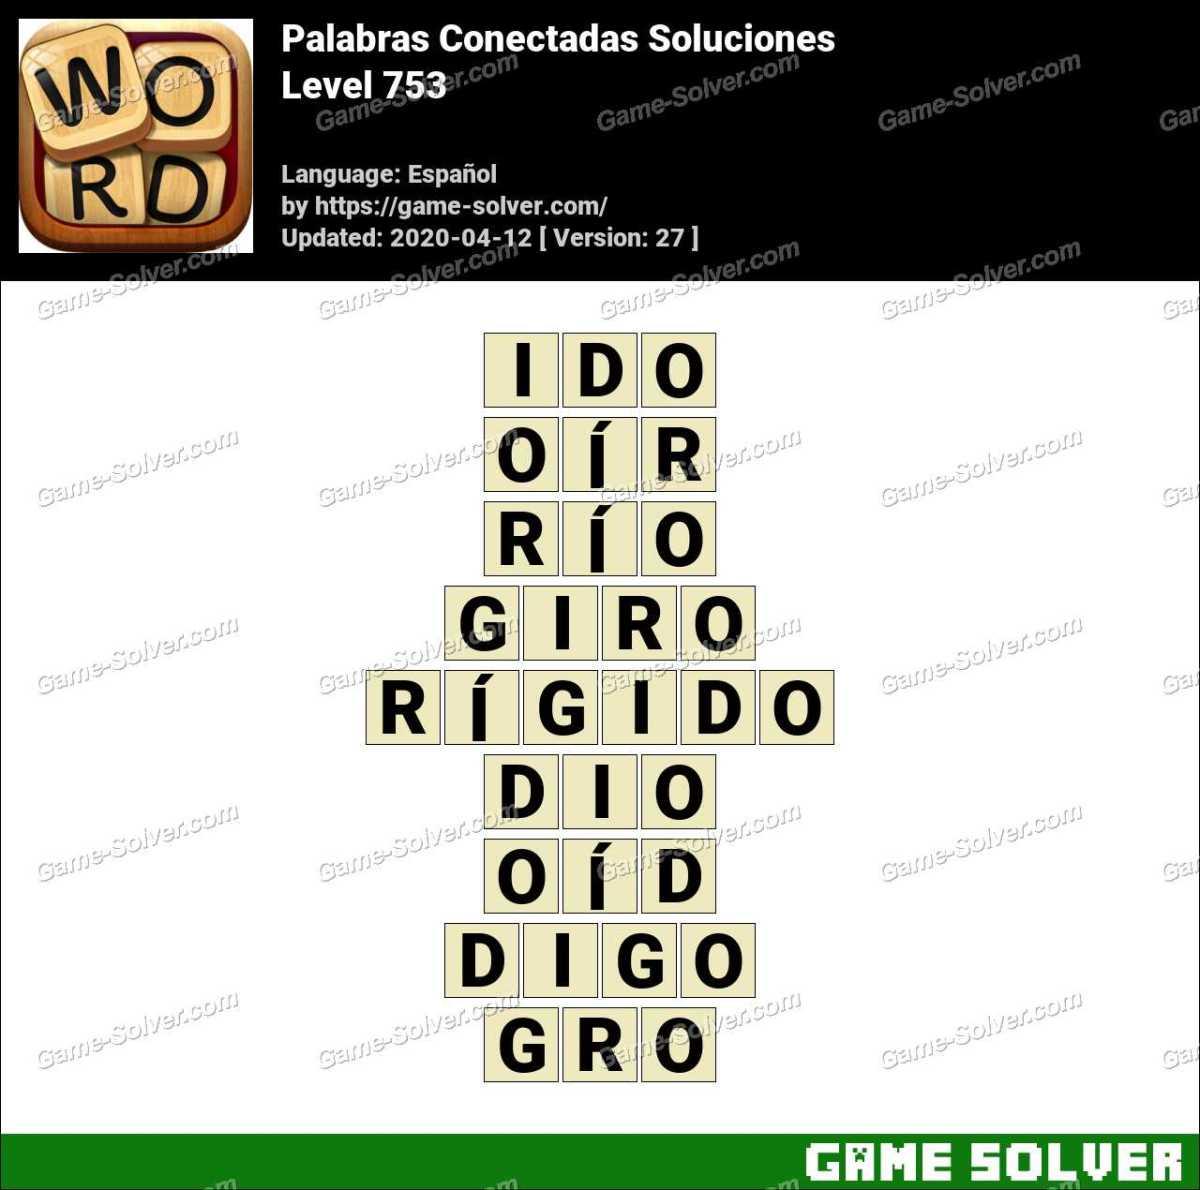 Palabras Conectadas Nivel 753 Soluciones